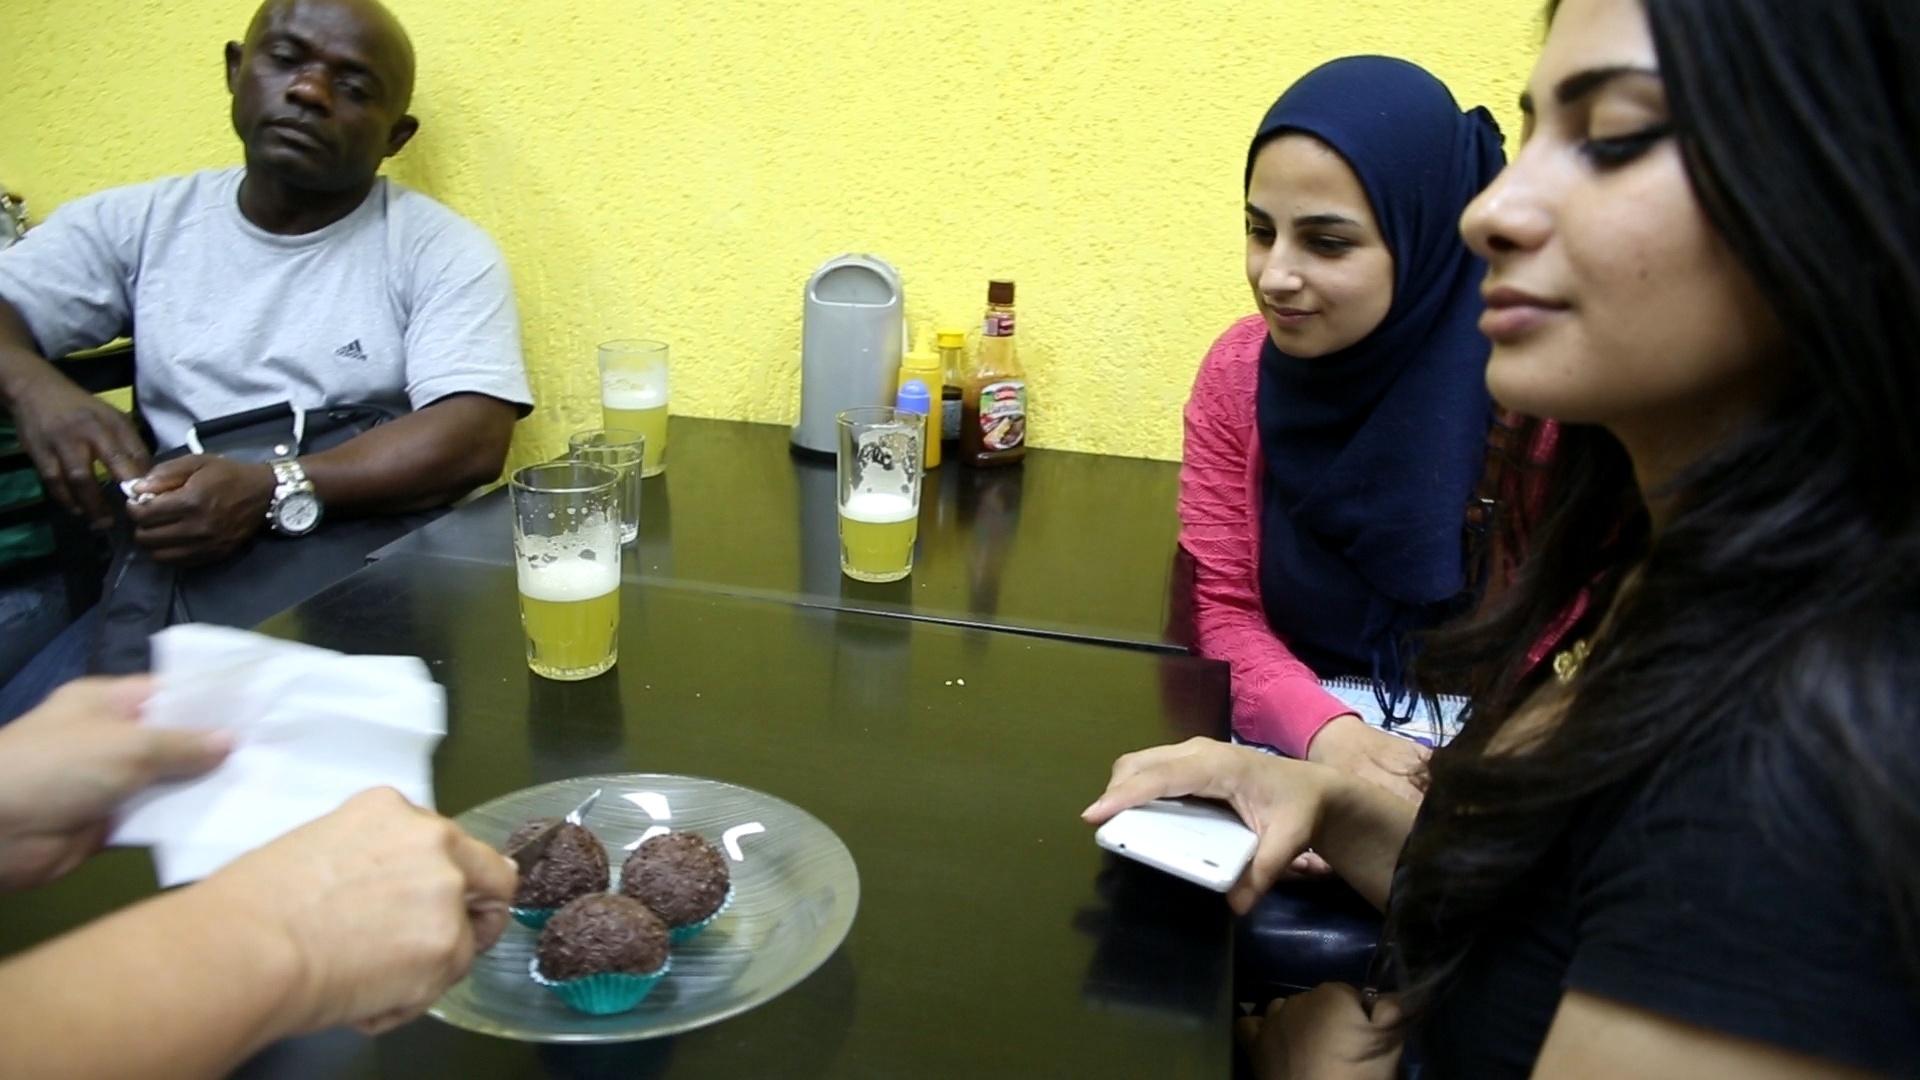 Refugiados alunos do curso de português do Memoref, da Unifesp, comem brigadeiro em bar de Guarulhos, na Grande São Paulo, durante atividade para conhecer a cultura brasileira. Foi a primeira vez em que eles provaram o doce tradicional brasileiro